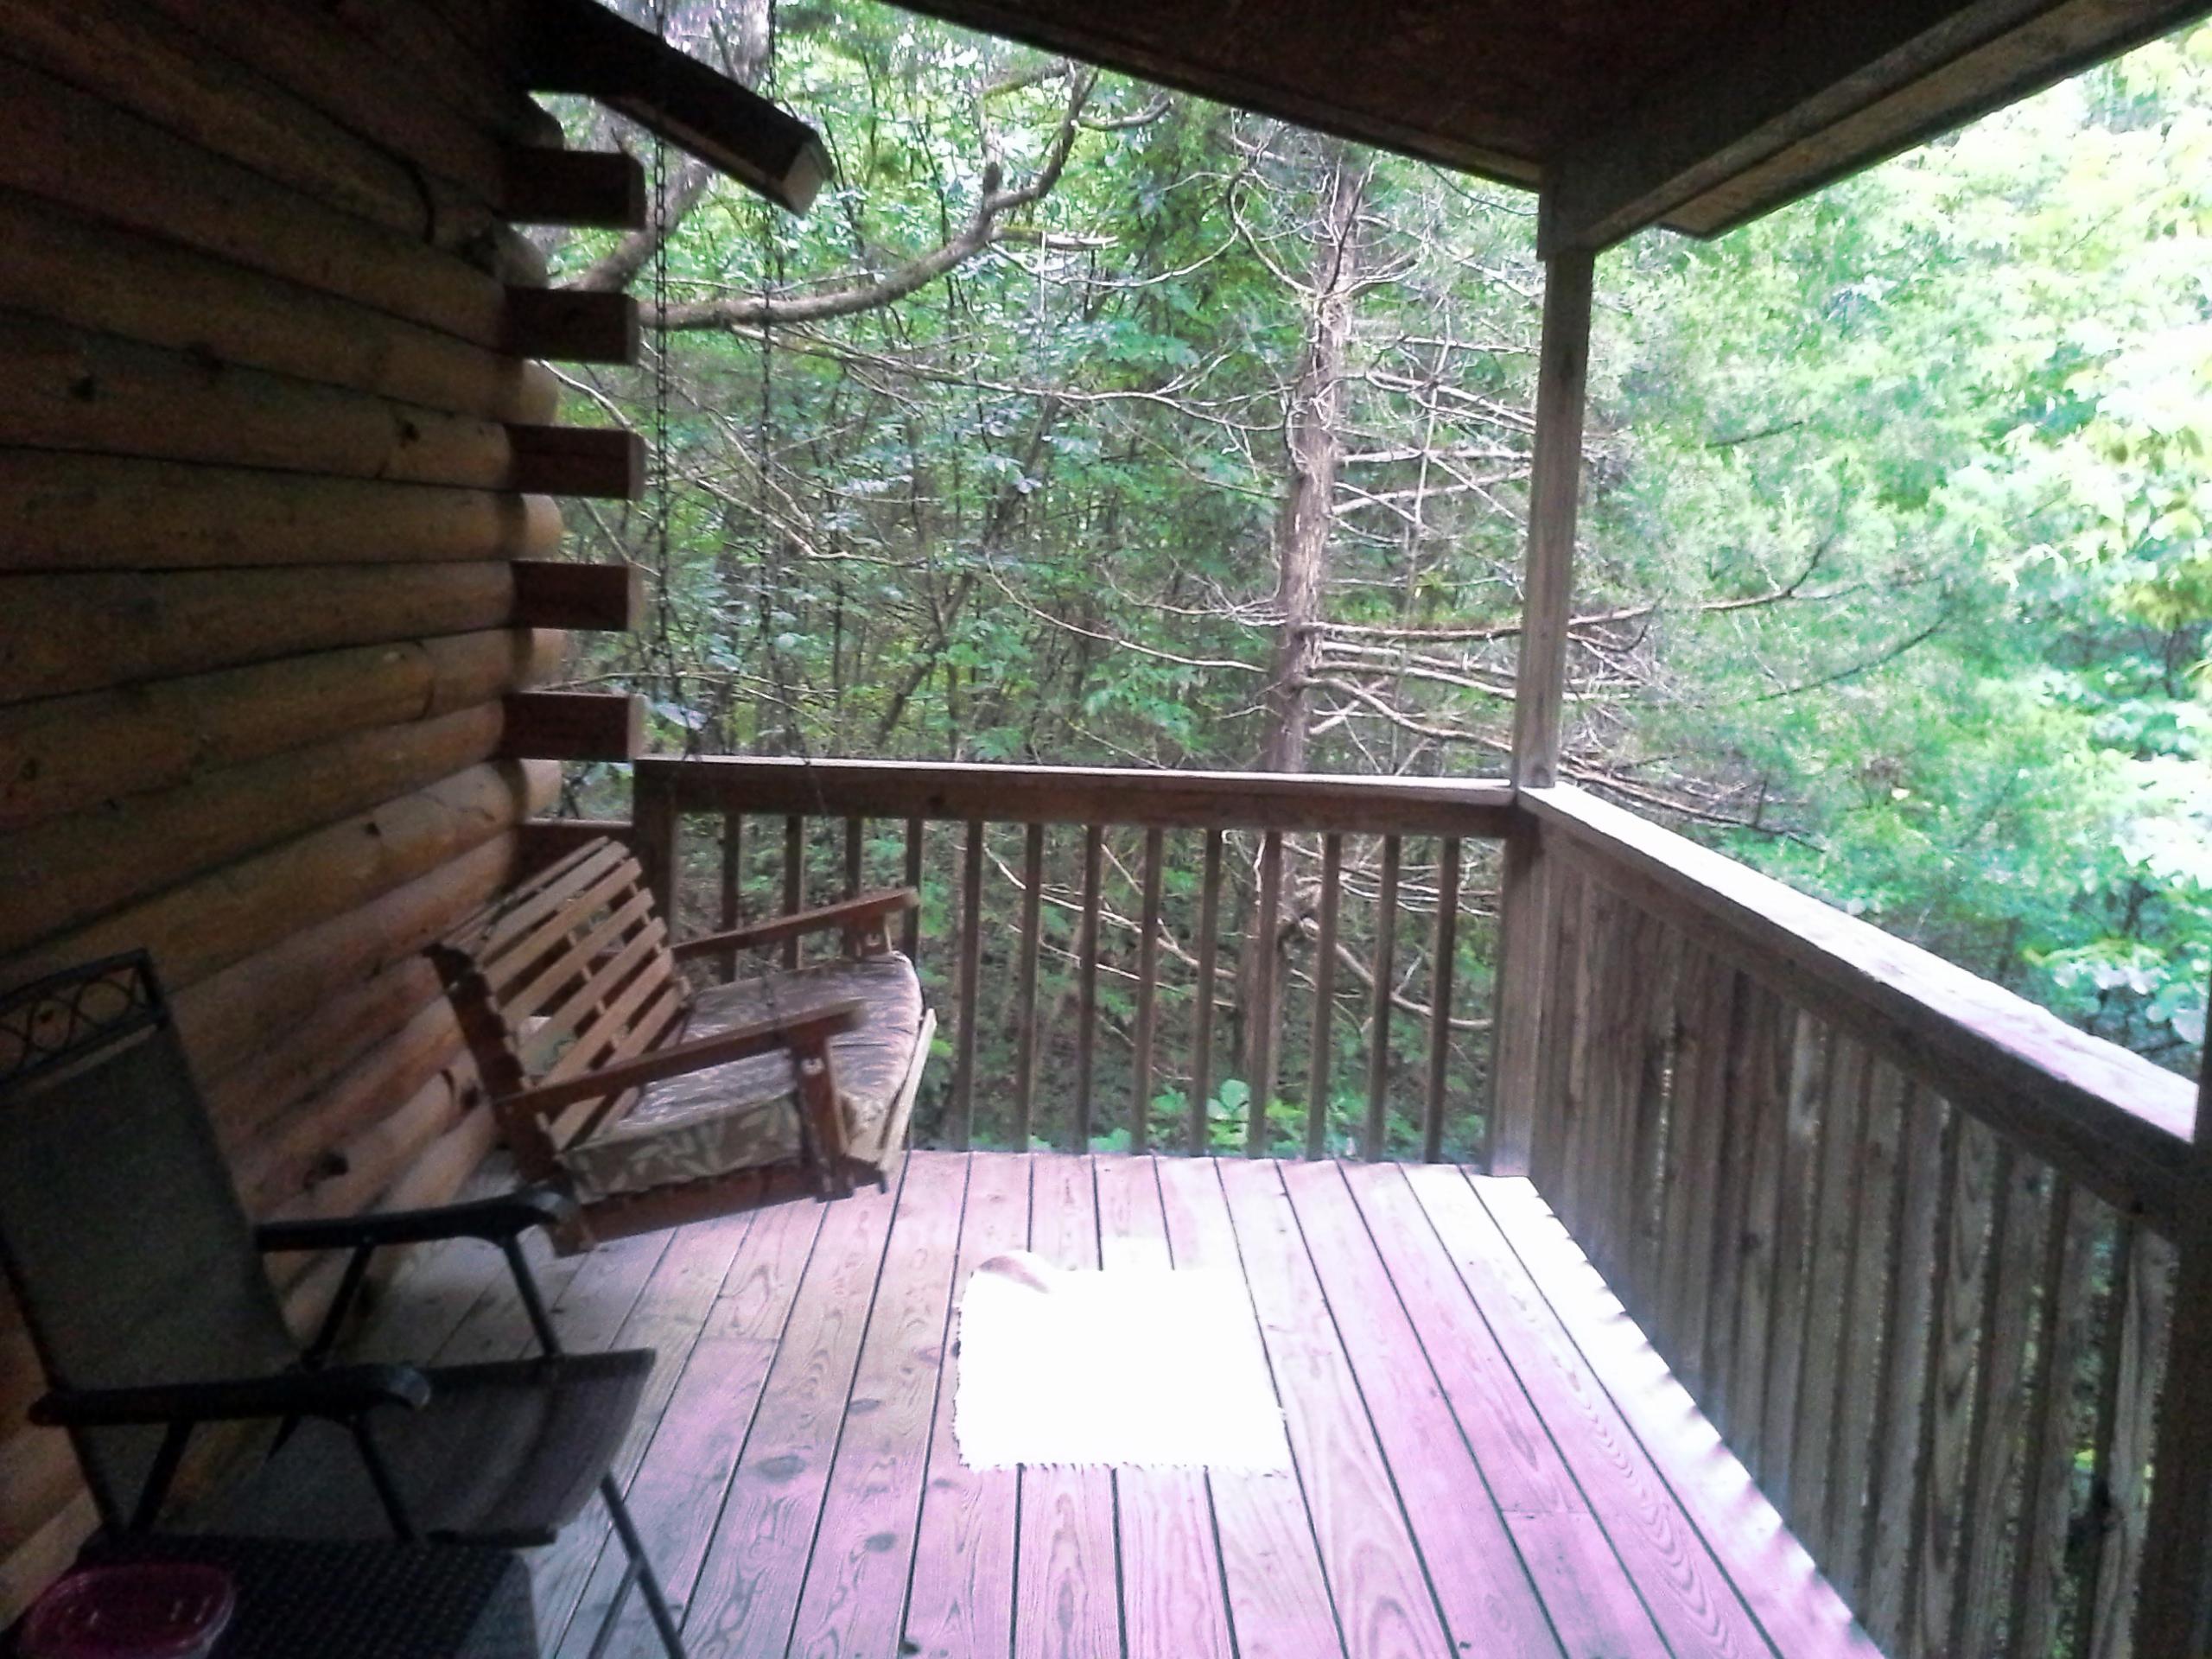 1 porch